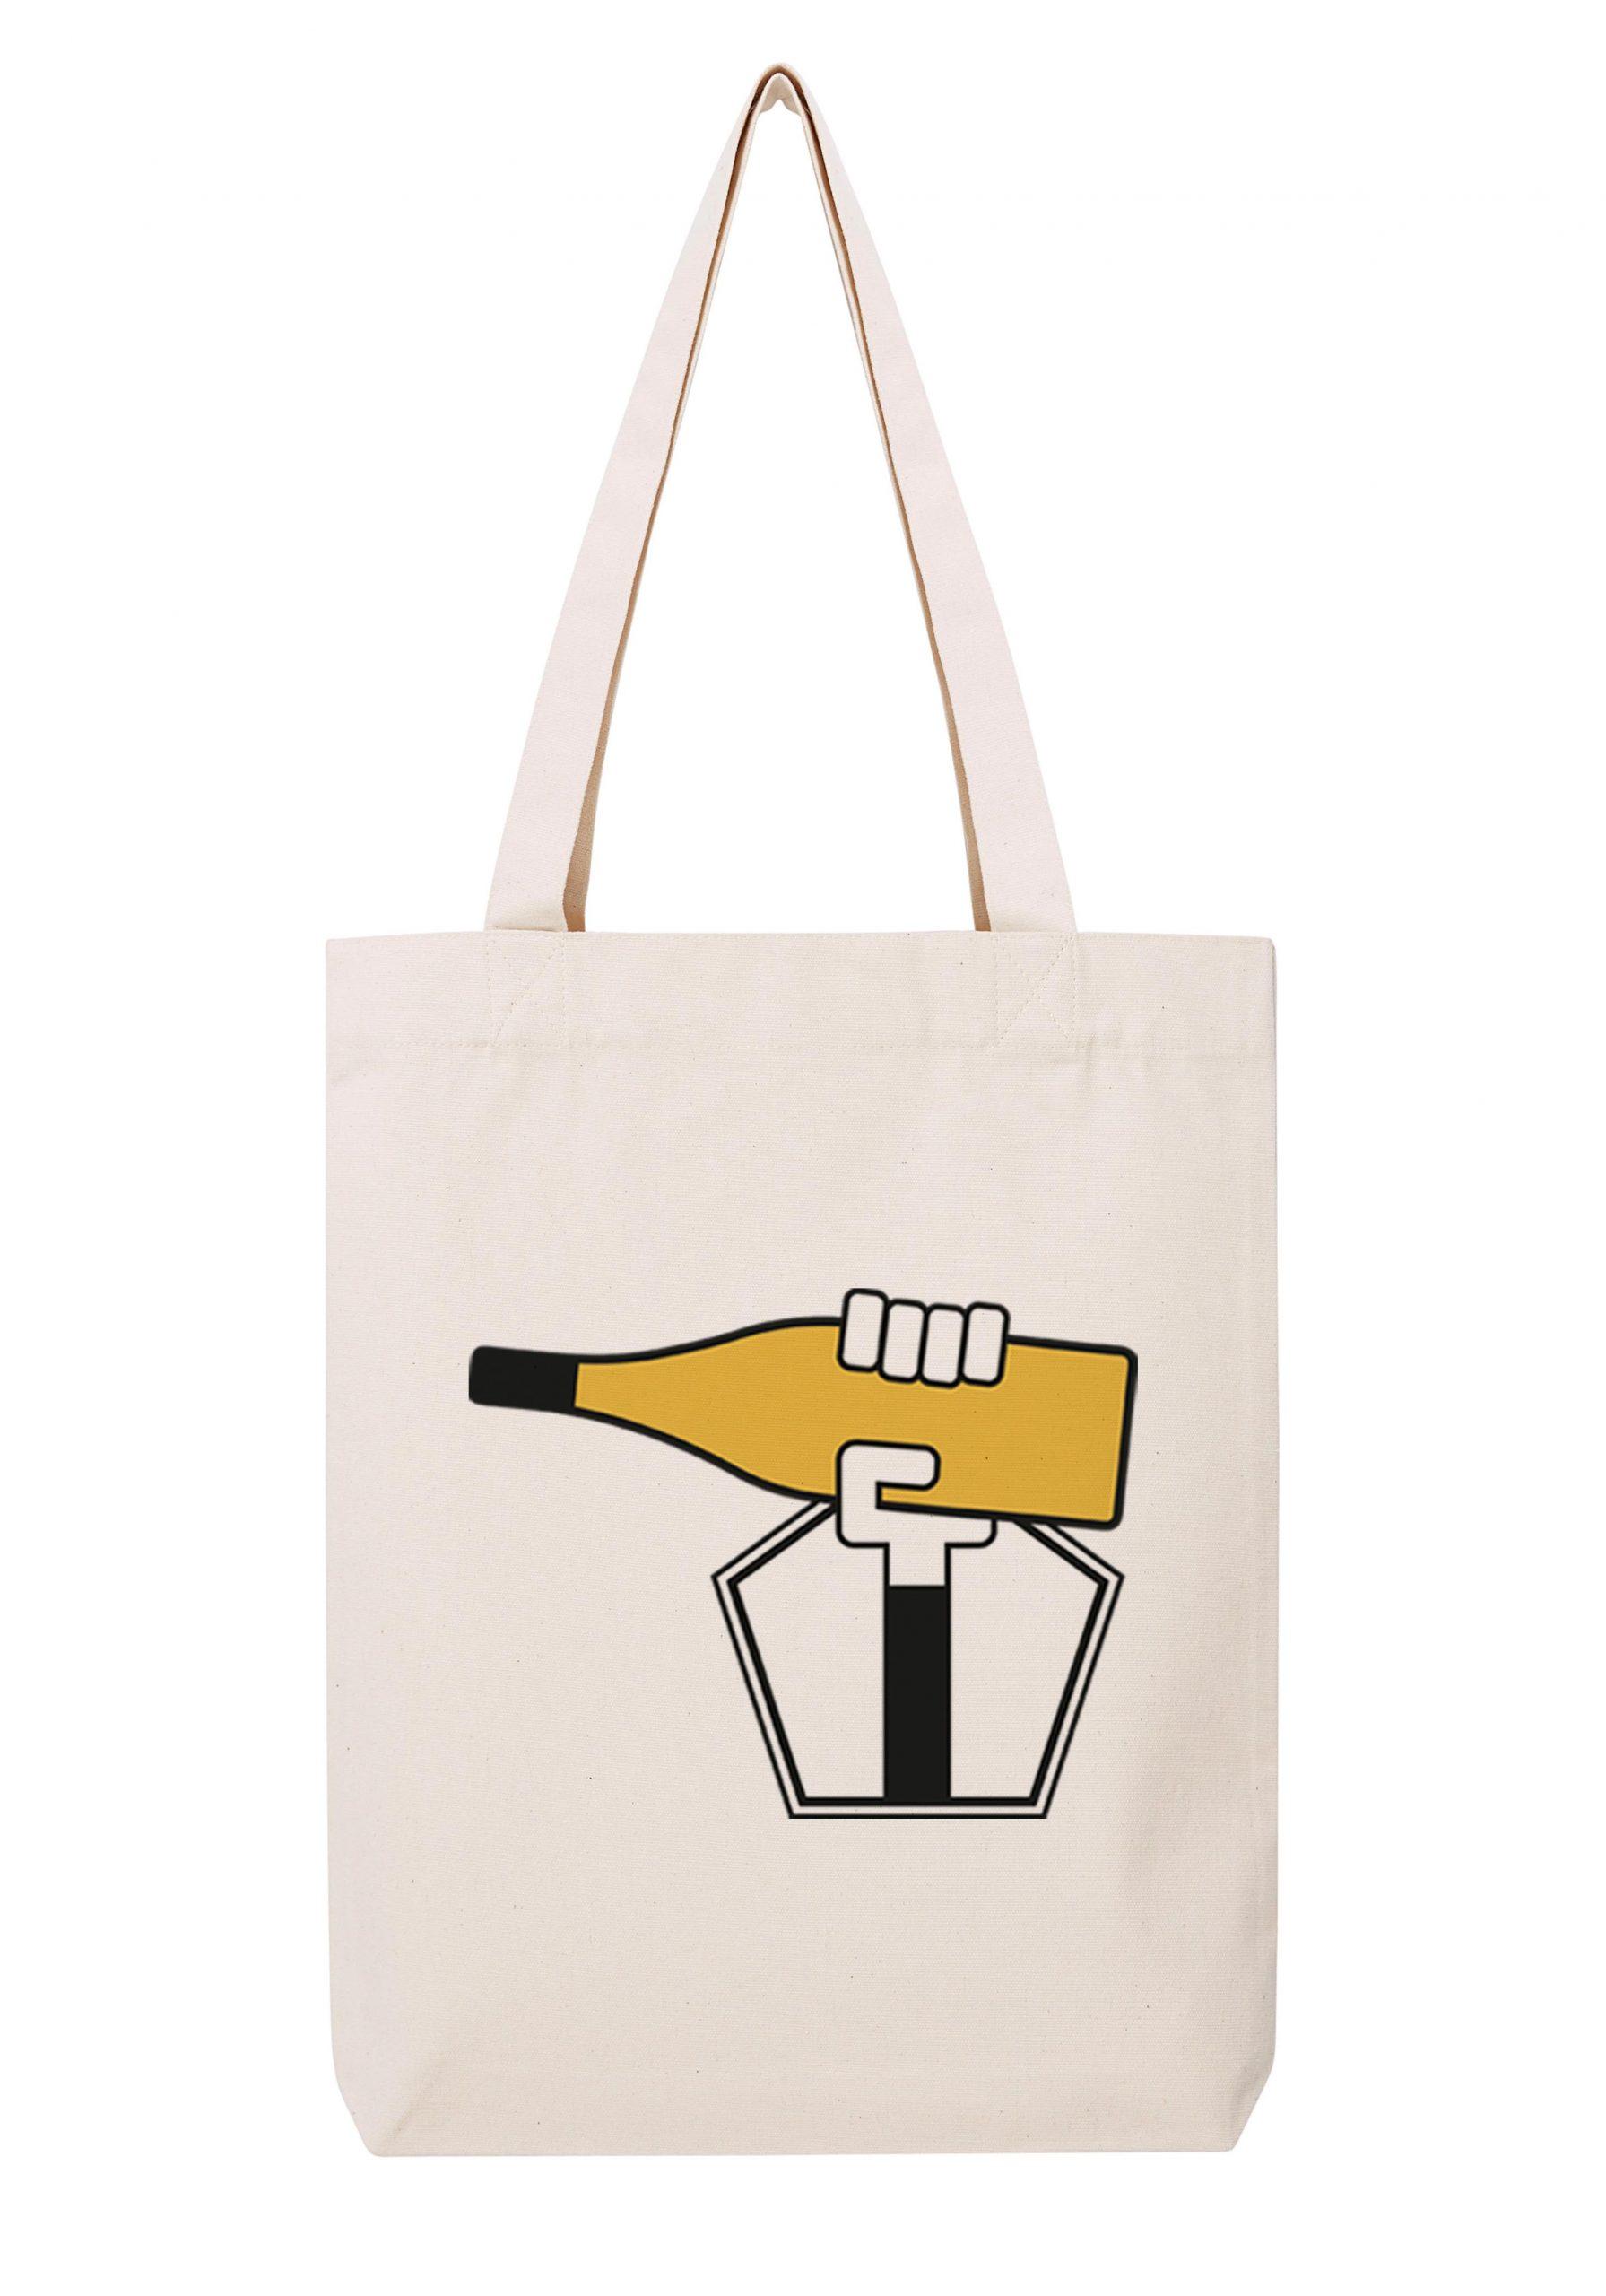 bourgogne homme blanc sac coton tote bag bio bocavi du vin dans ta penderie bouteilles viticole vigneron wine